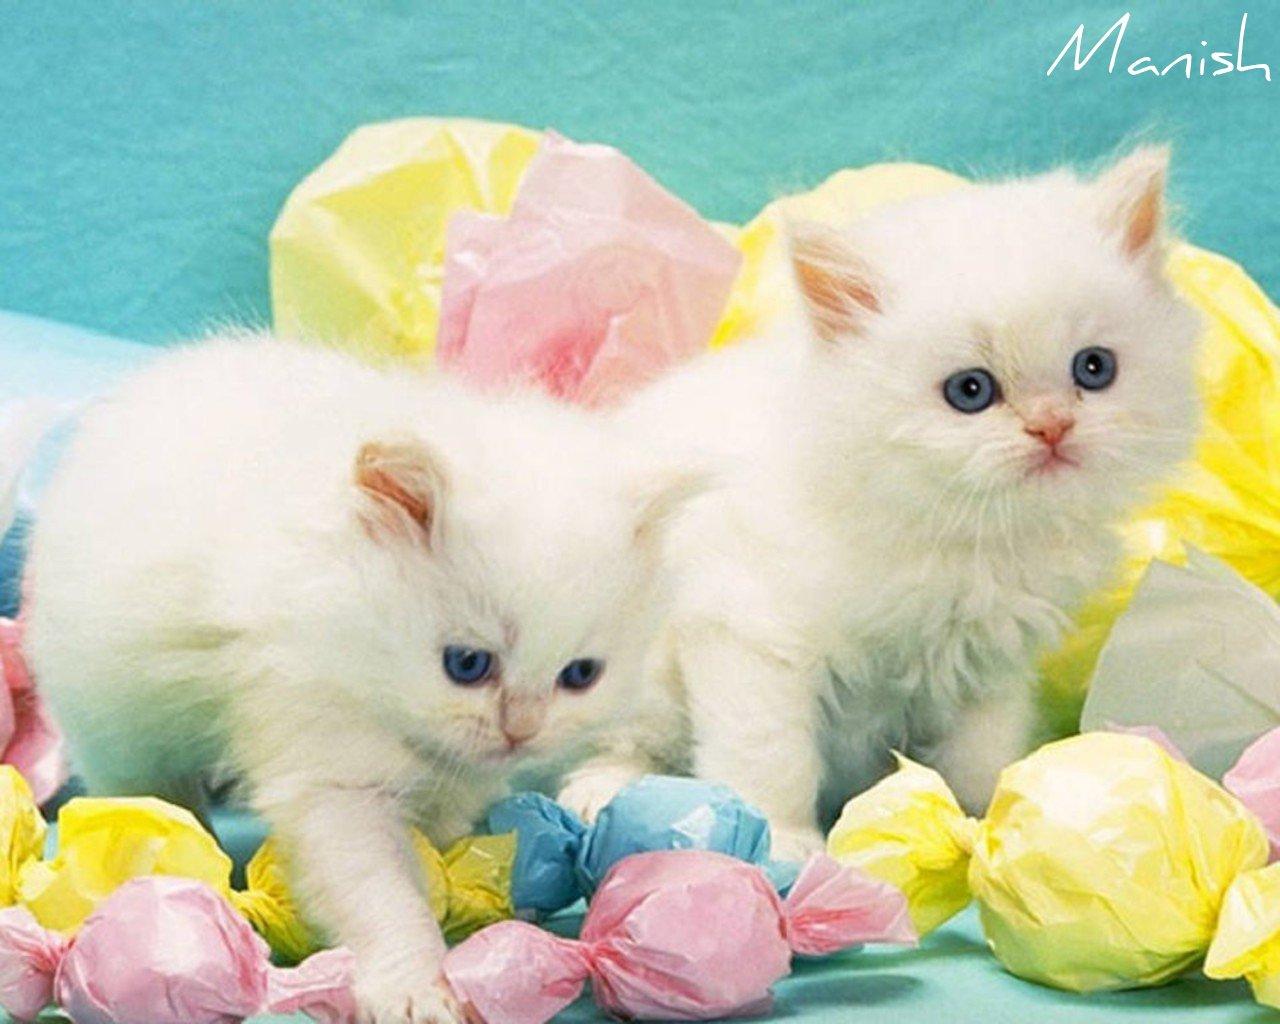 Kittens wallpaper kitten wallpaper - Cute kittens hd wallpaper free download ...